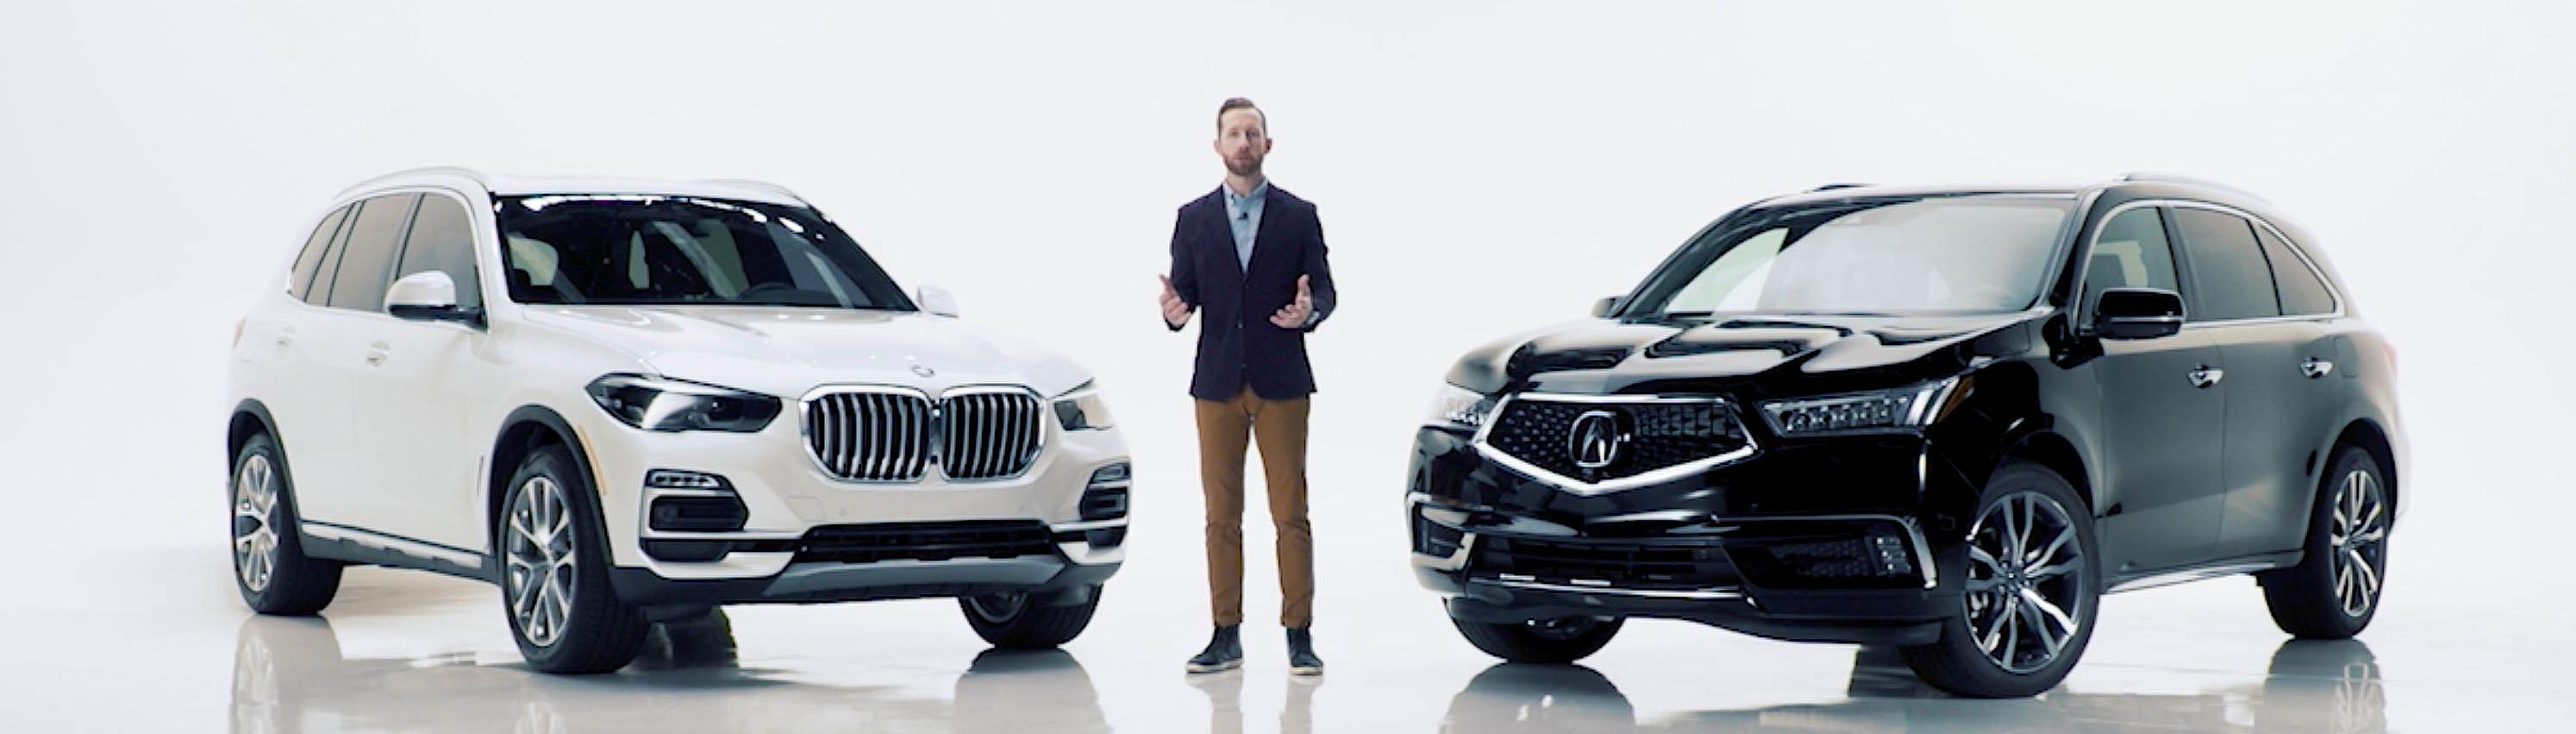 Acura comparison conquest campaign